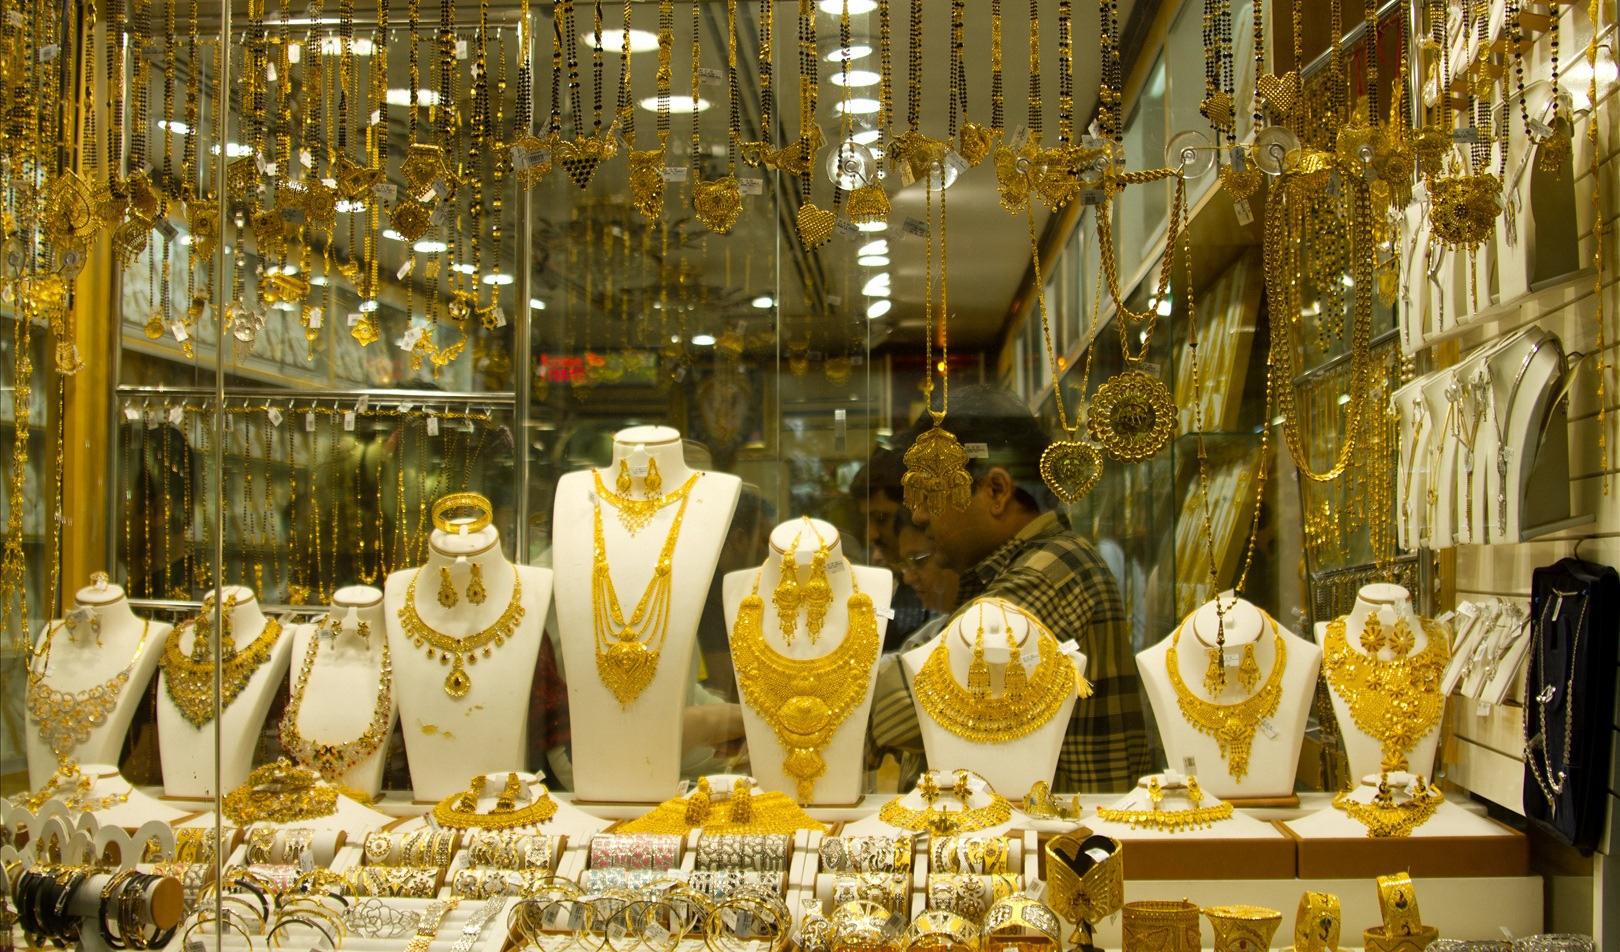 مرکز پژوهشهای مجلس وضعیت مالیات بر ارزشافزوده طلا را بررسی کرد